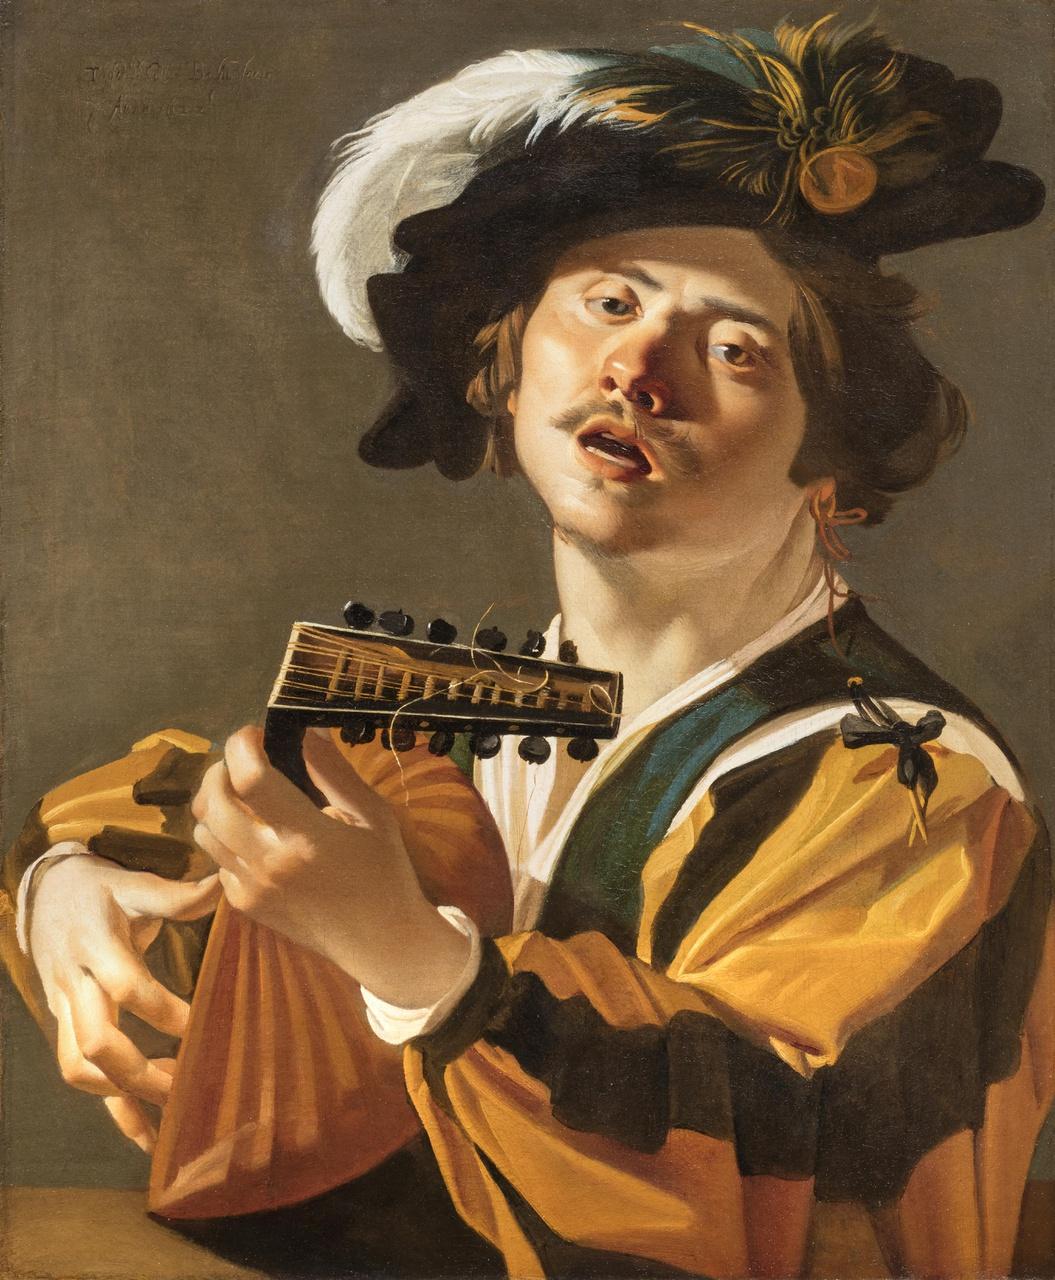 De luitspeler